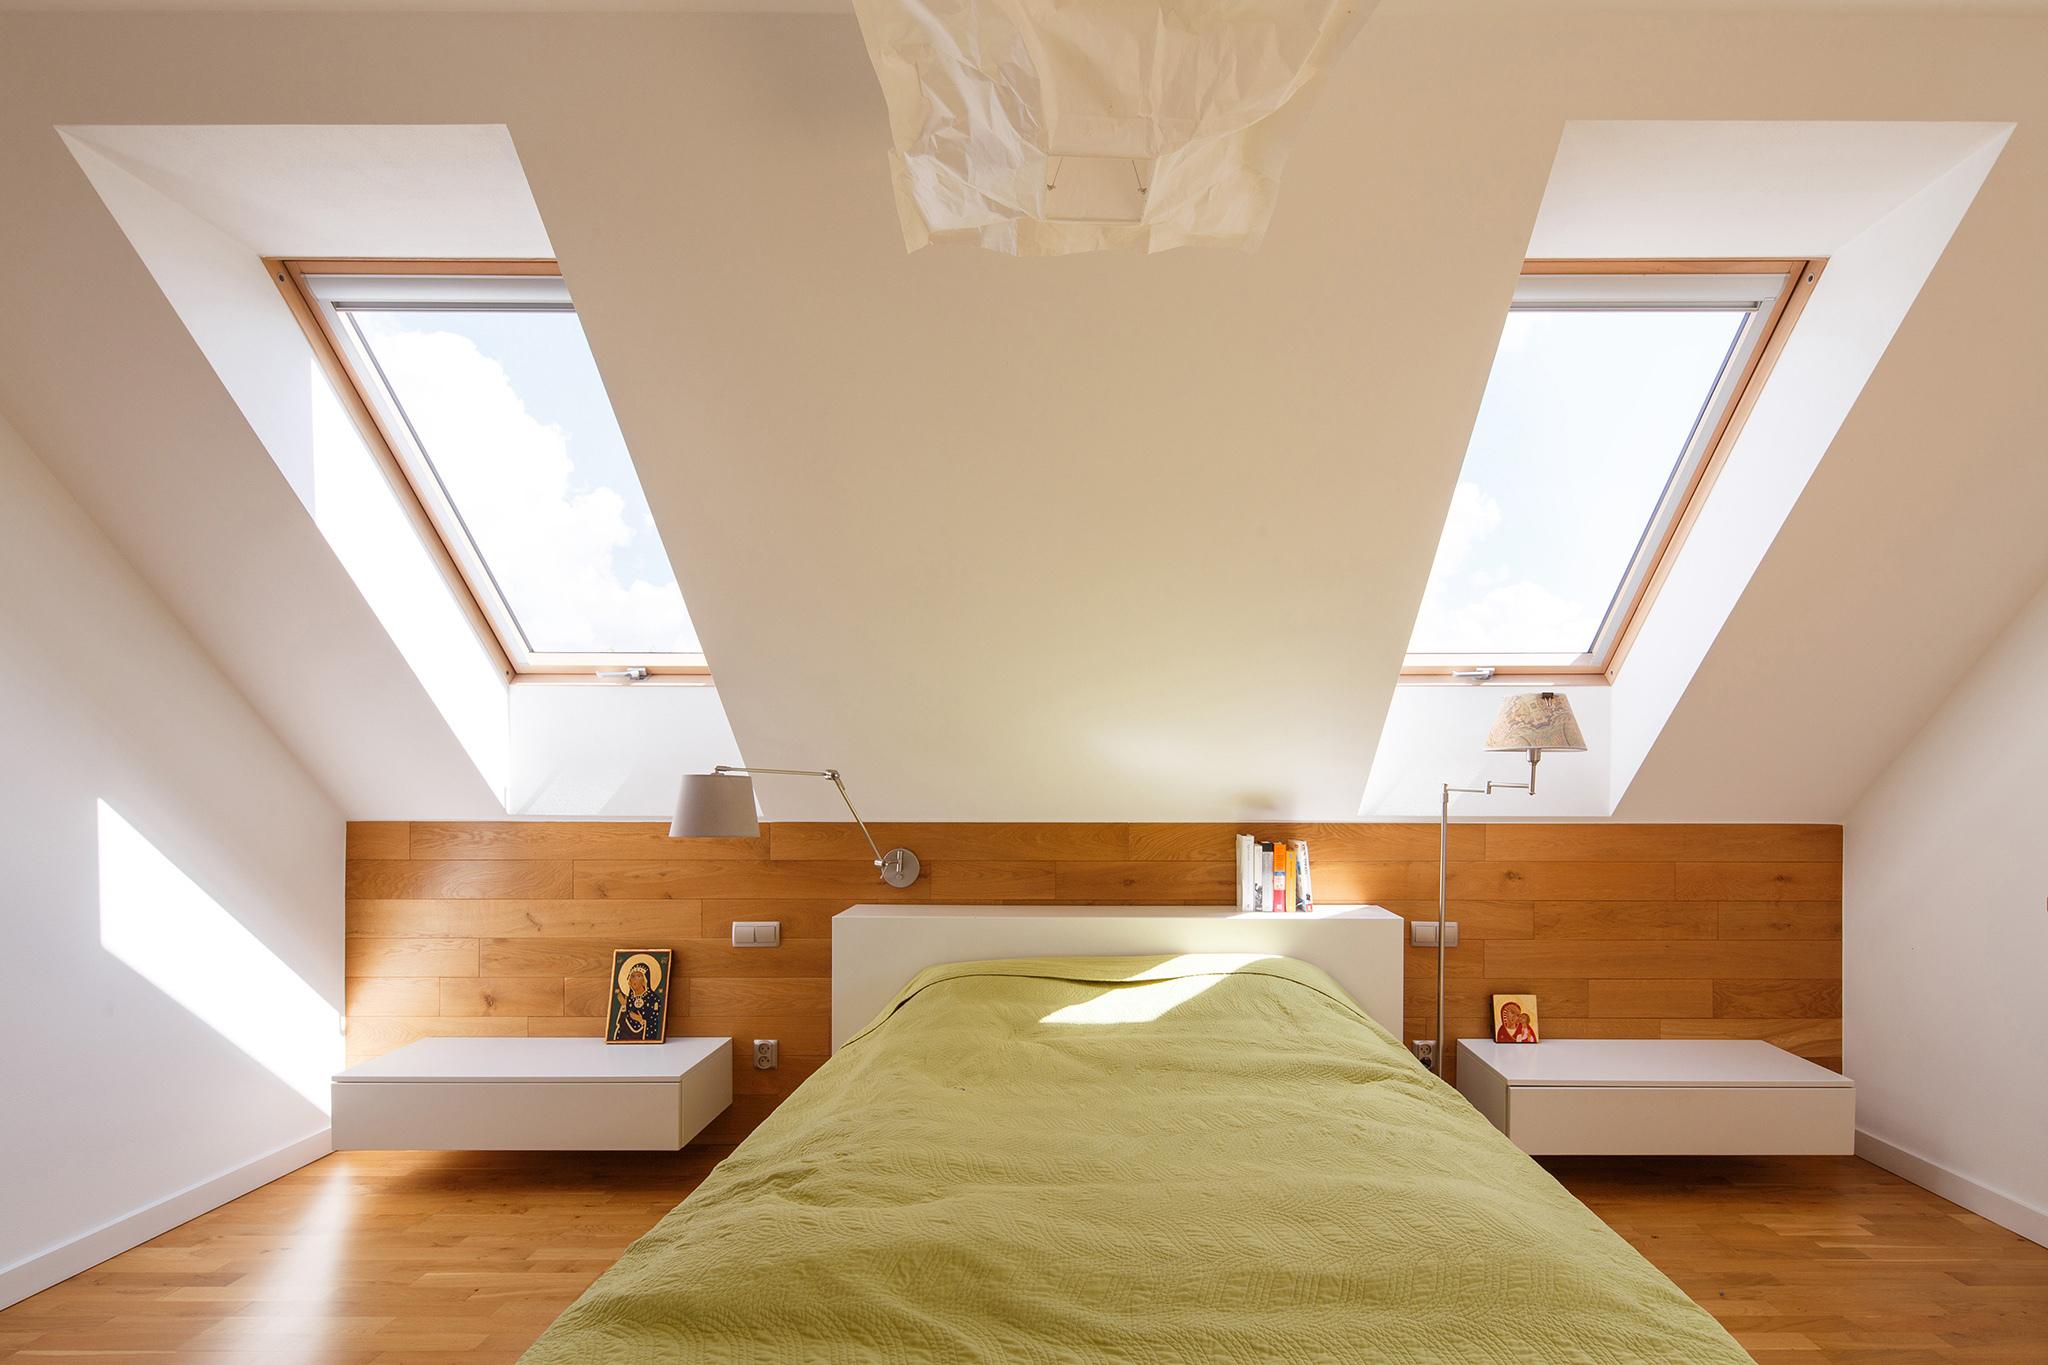 FAKRO roof windows in bedroom